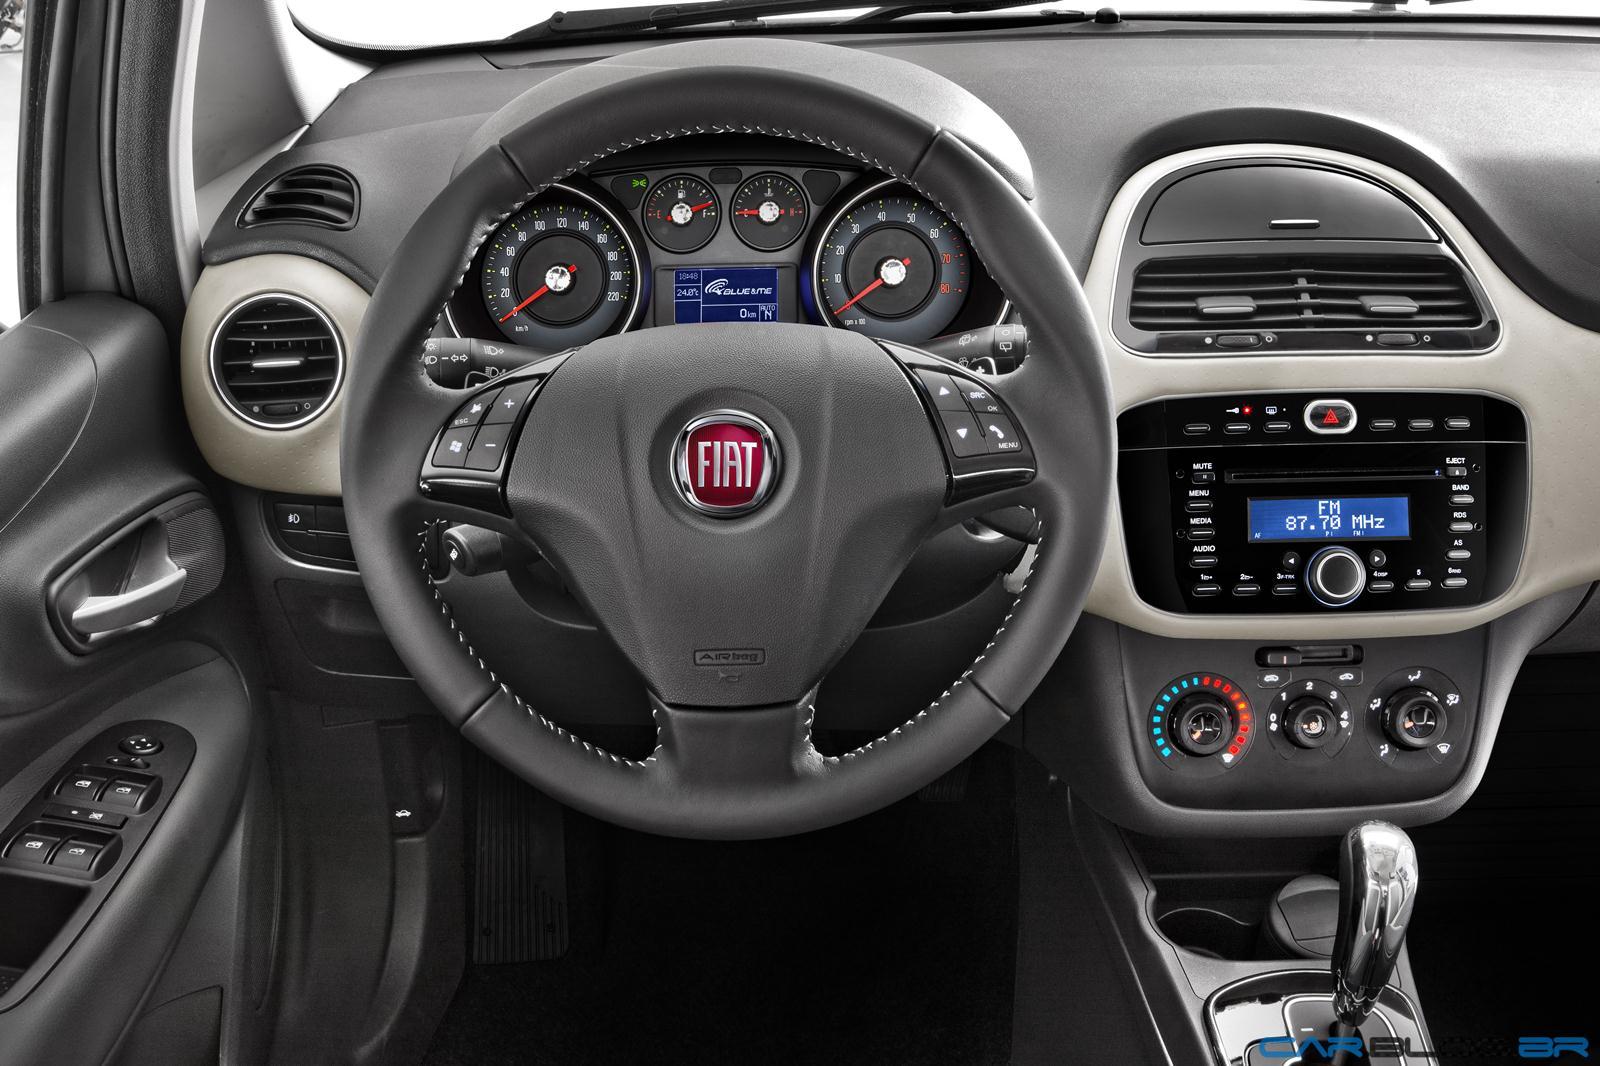 Fiat Punto 2007 Manual